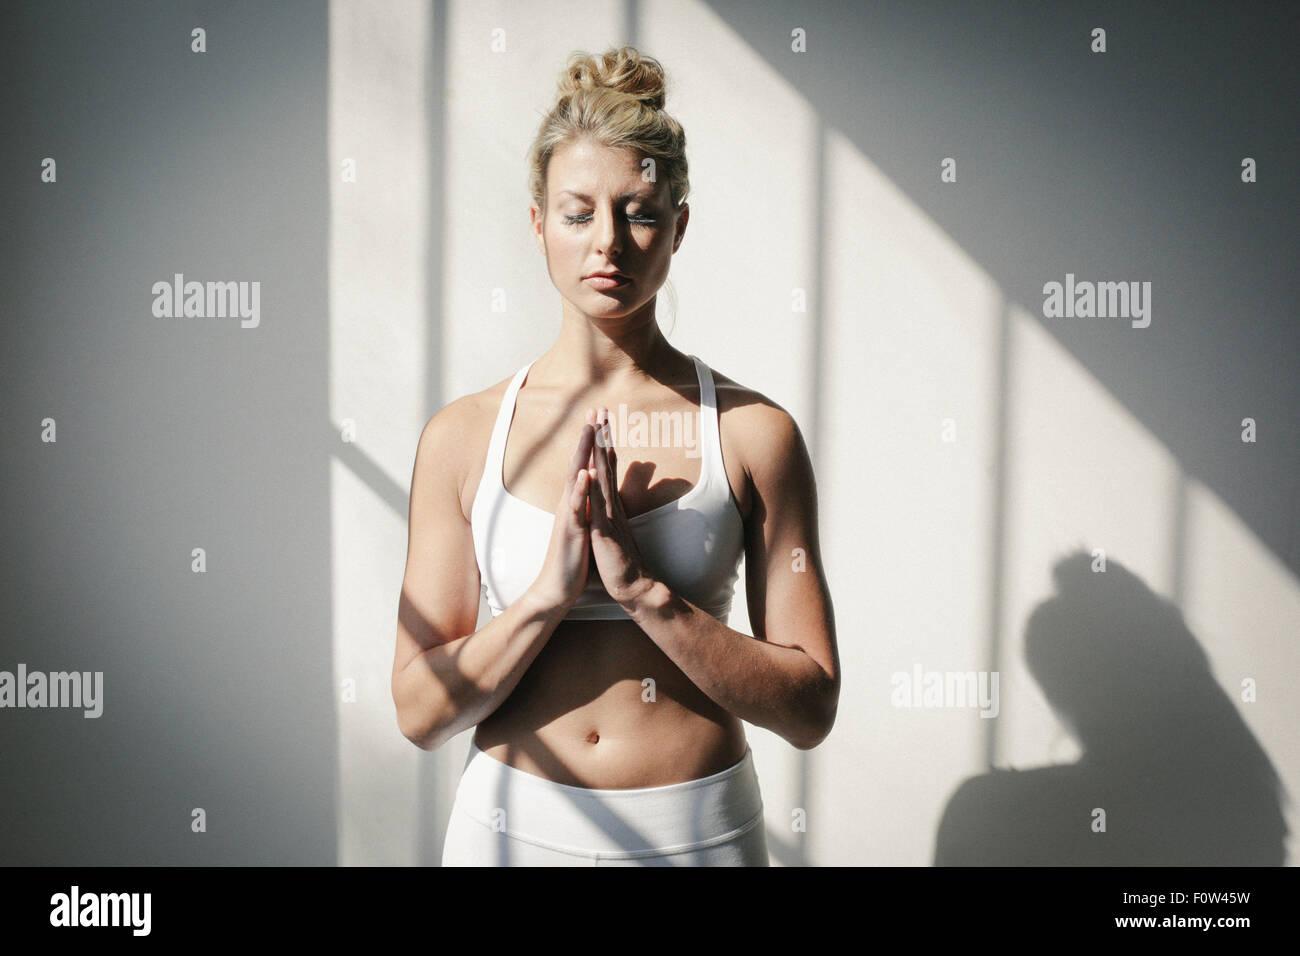 Una donna bionda, con gli occhi chiusi, in un bianco prodotto top e leggings, in piedi di fronte ad una parete bianca, Immagini Stock